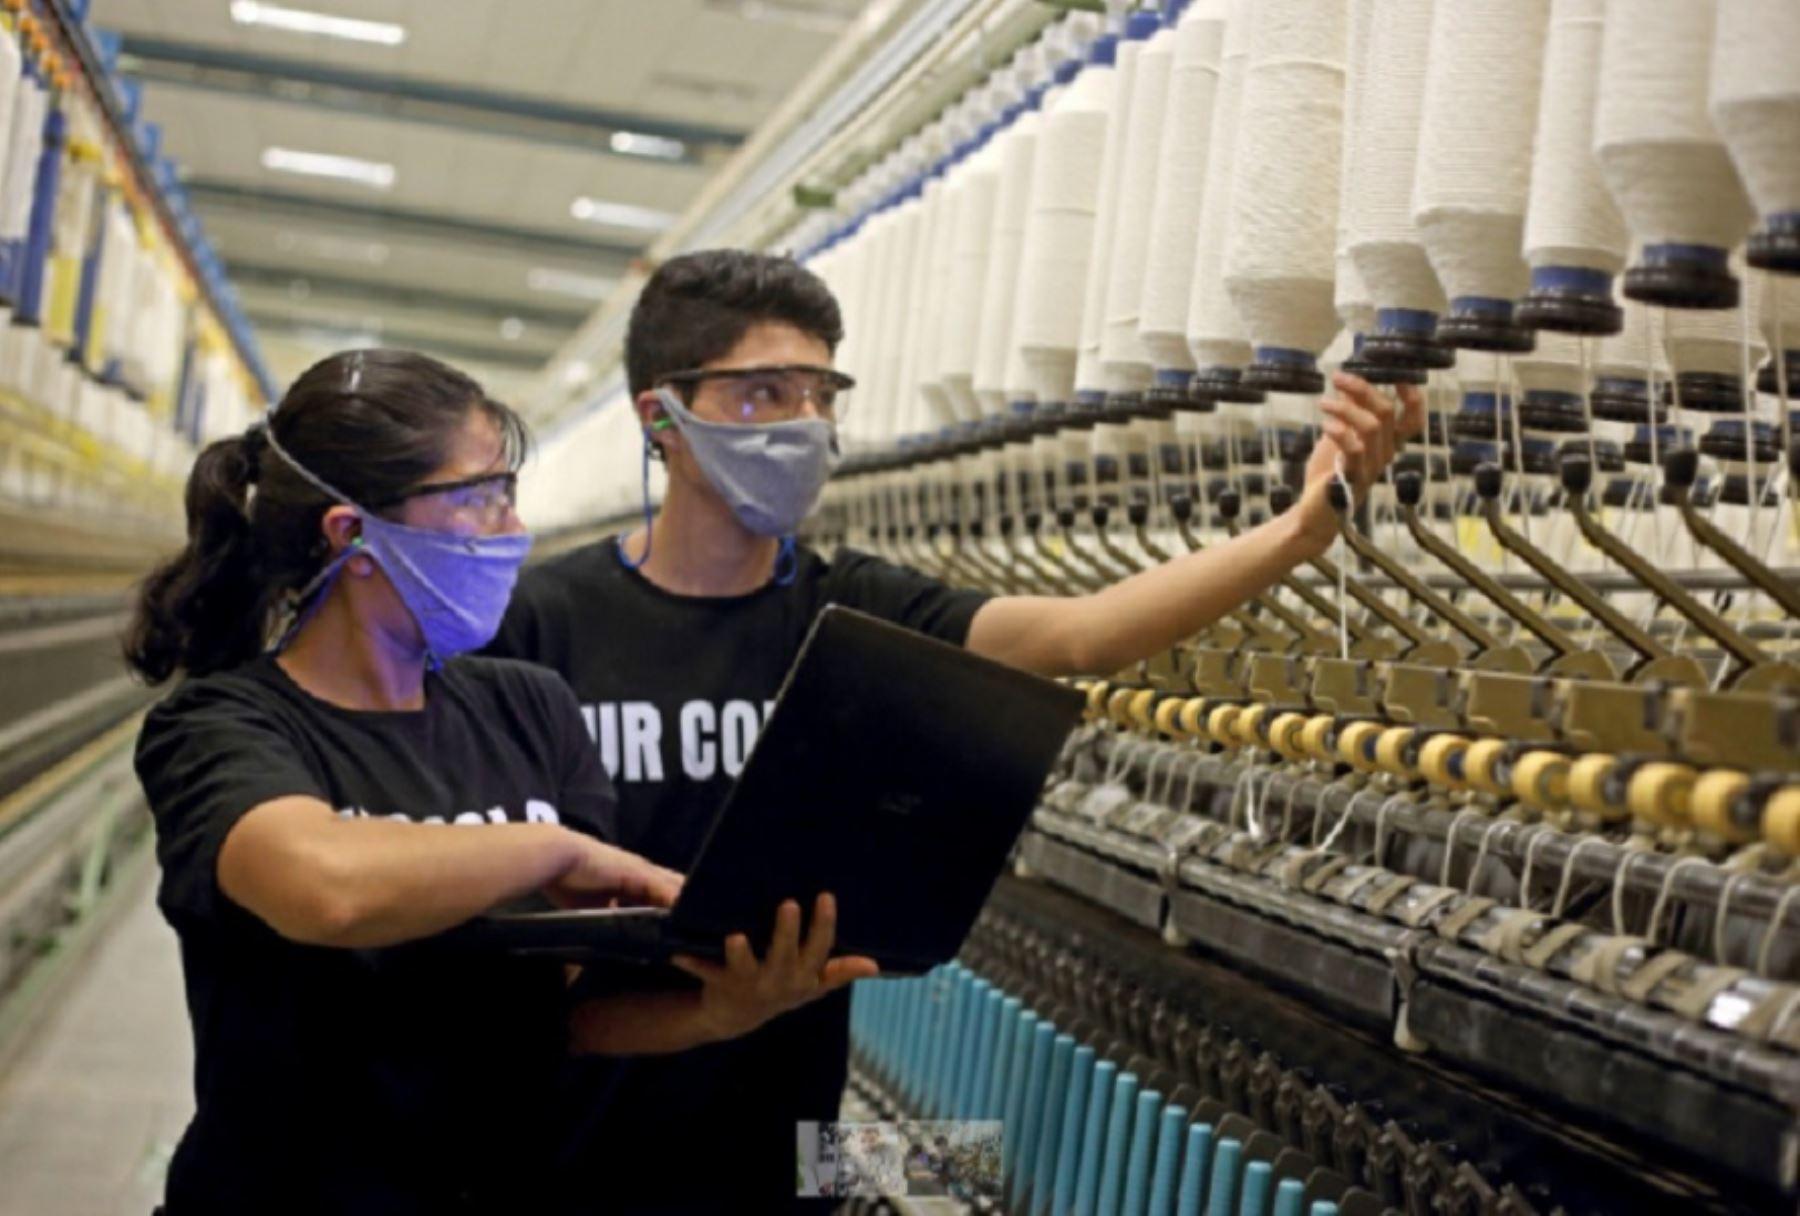 Reactivación: otorgarán fondos no reembolsables a sectores textil, turismo y gastronomía | Noticias